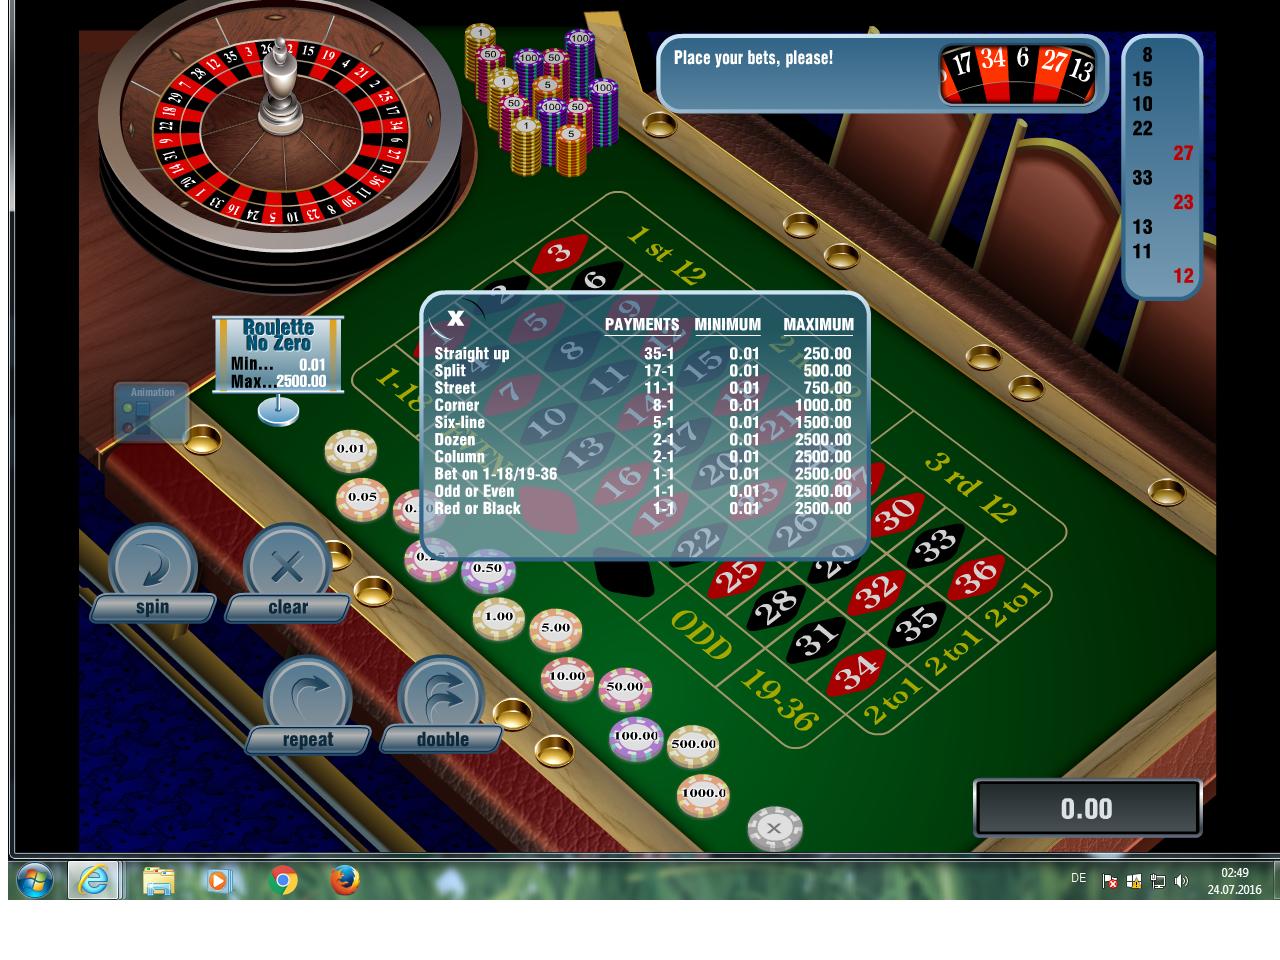 online casino with 10 cent minimum